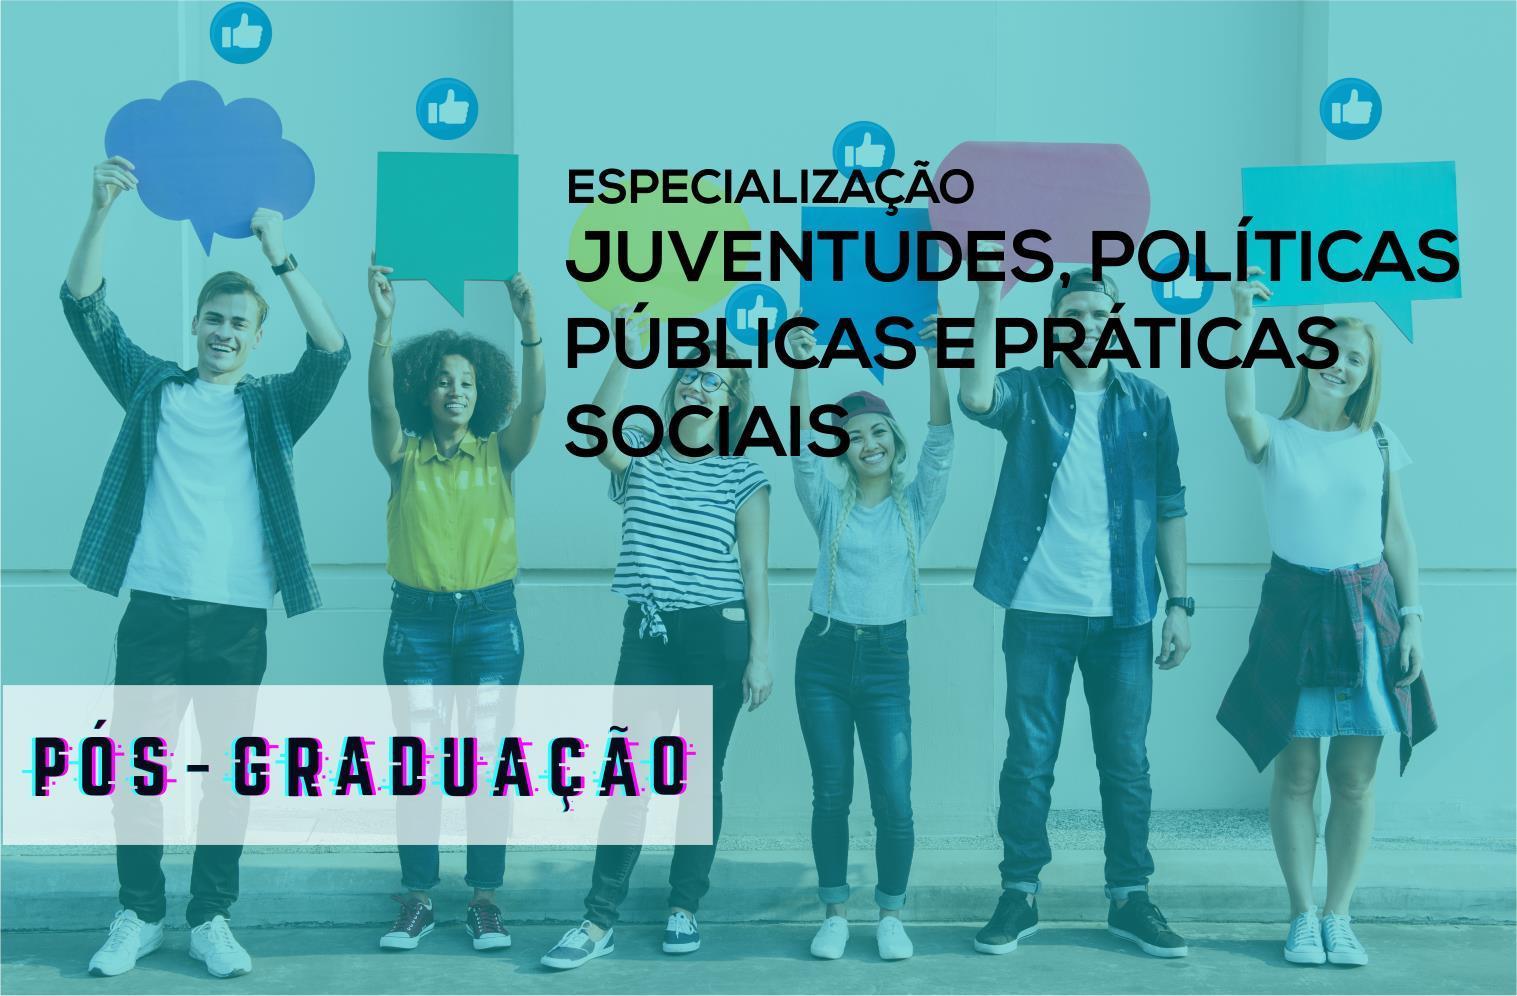 Especialização em Juventudes, Políticas Públicas e Práticas Sociais